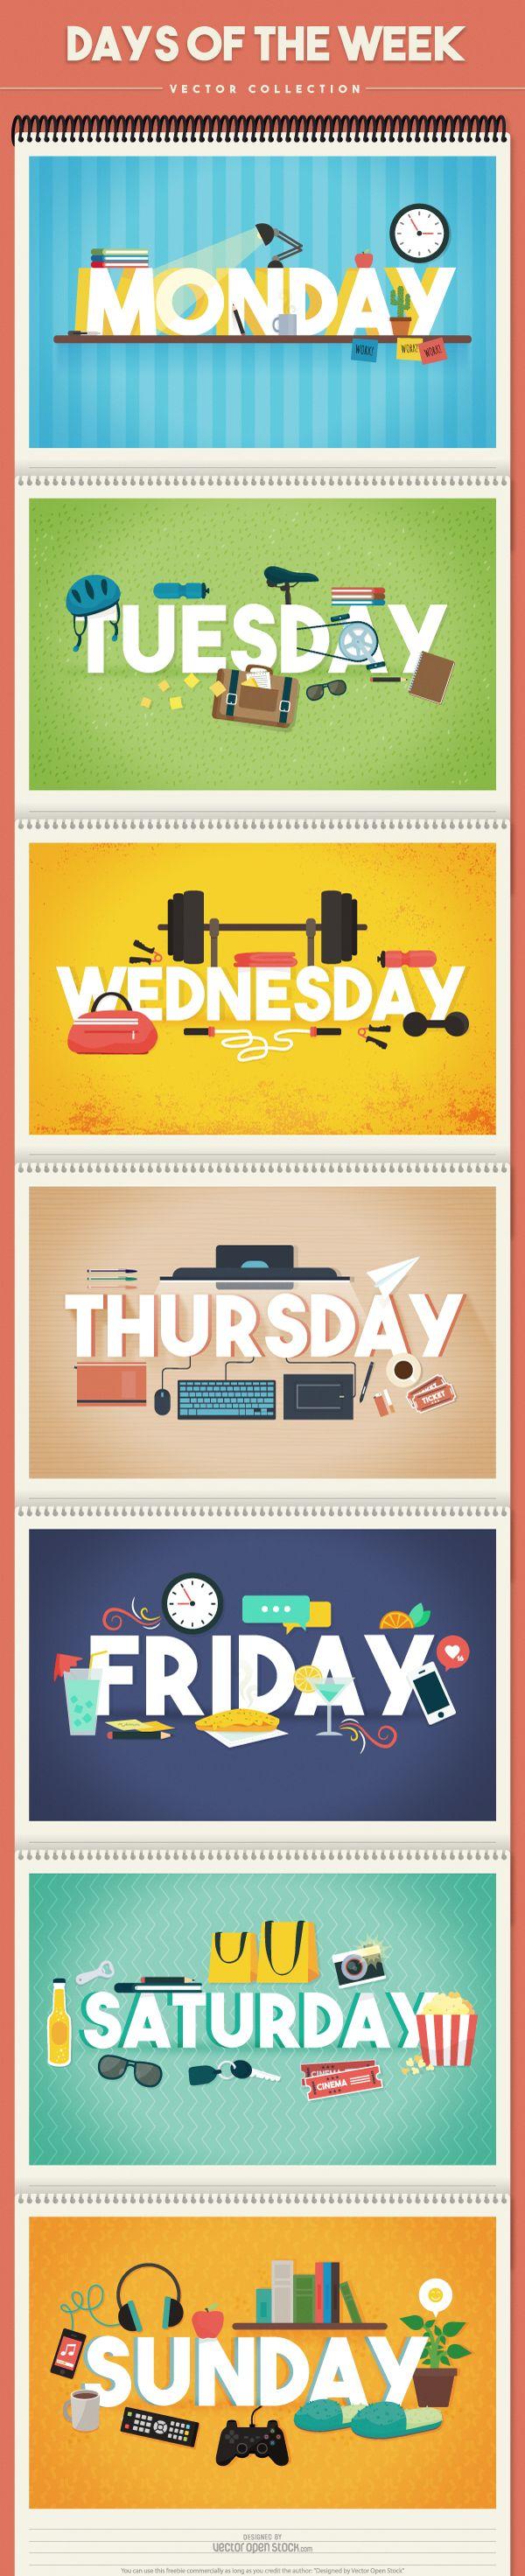 Days Of The Week Vector Online Editor Vector Free Free Vector Graphics Vector Online Days of the week horizontal